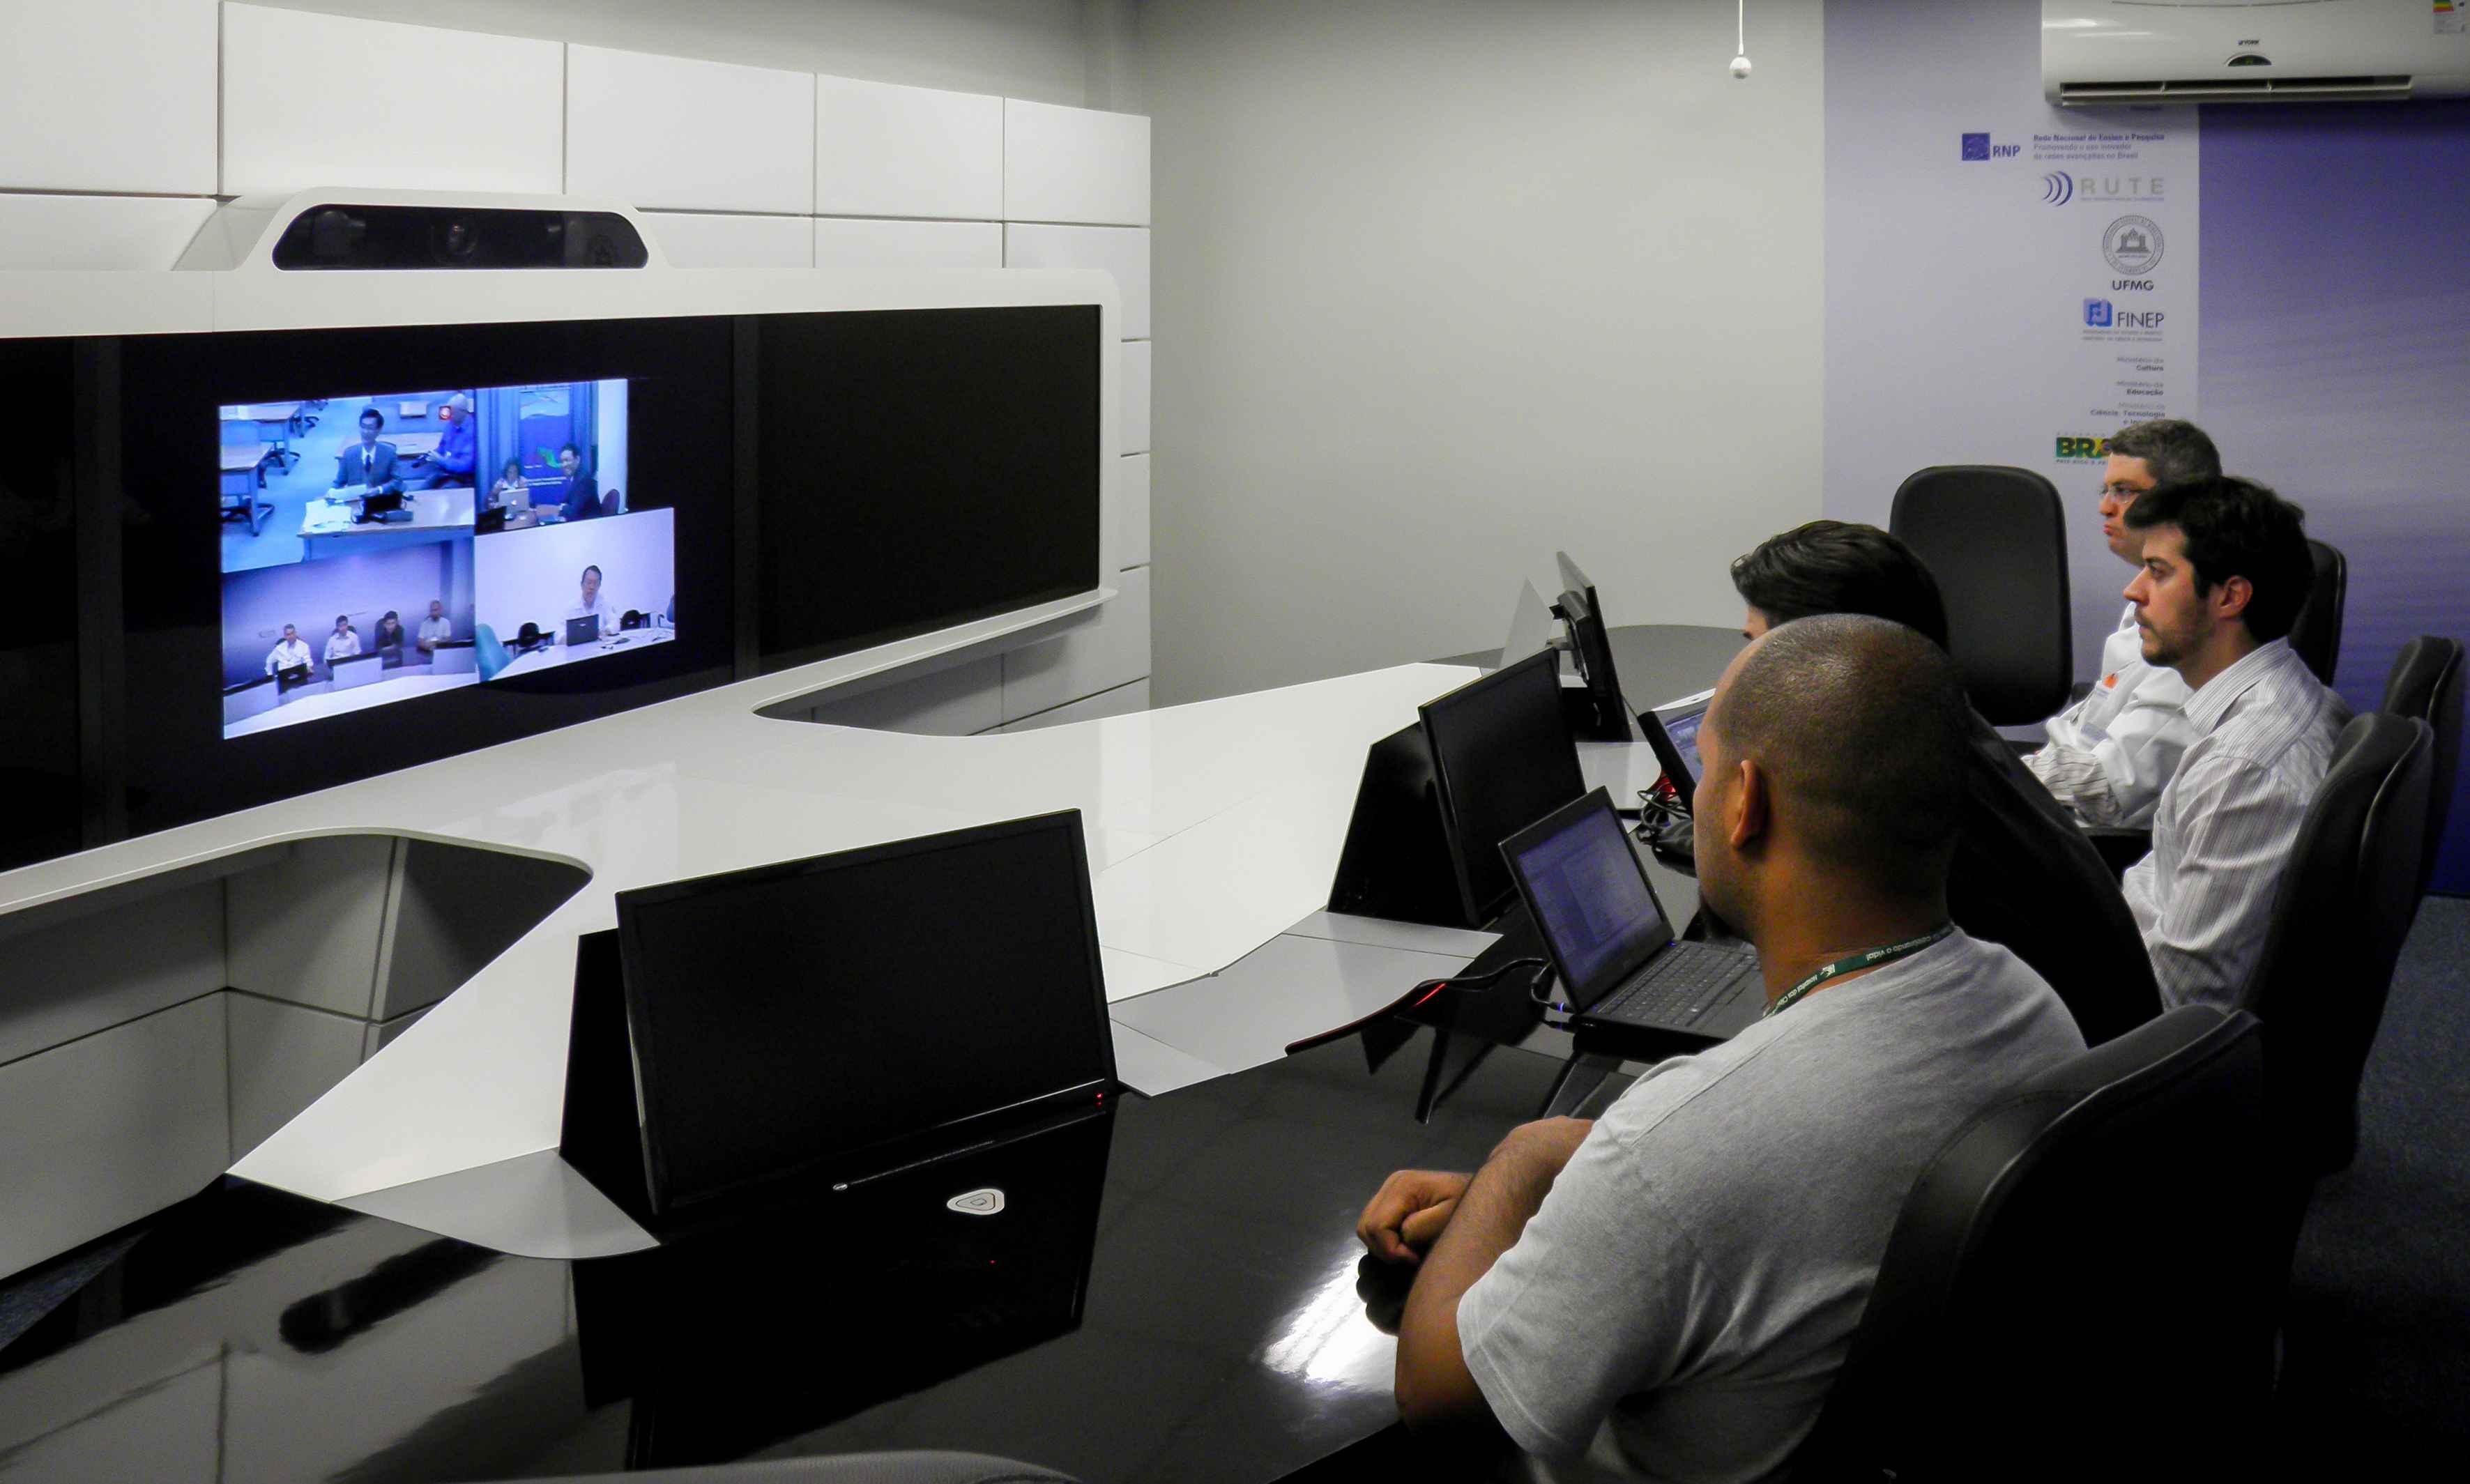 Centro de Telessaúde: UFMG tem trajetória longa e consistente no atendimento a distância